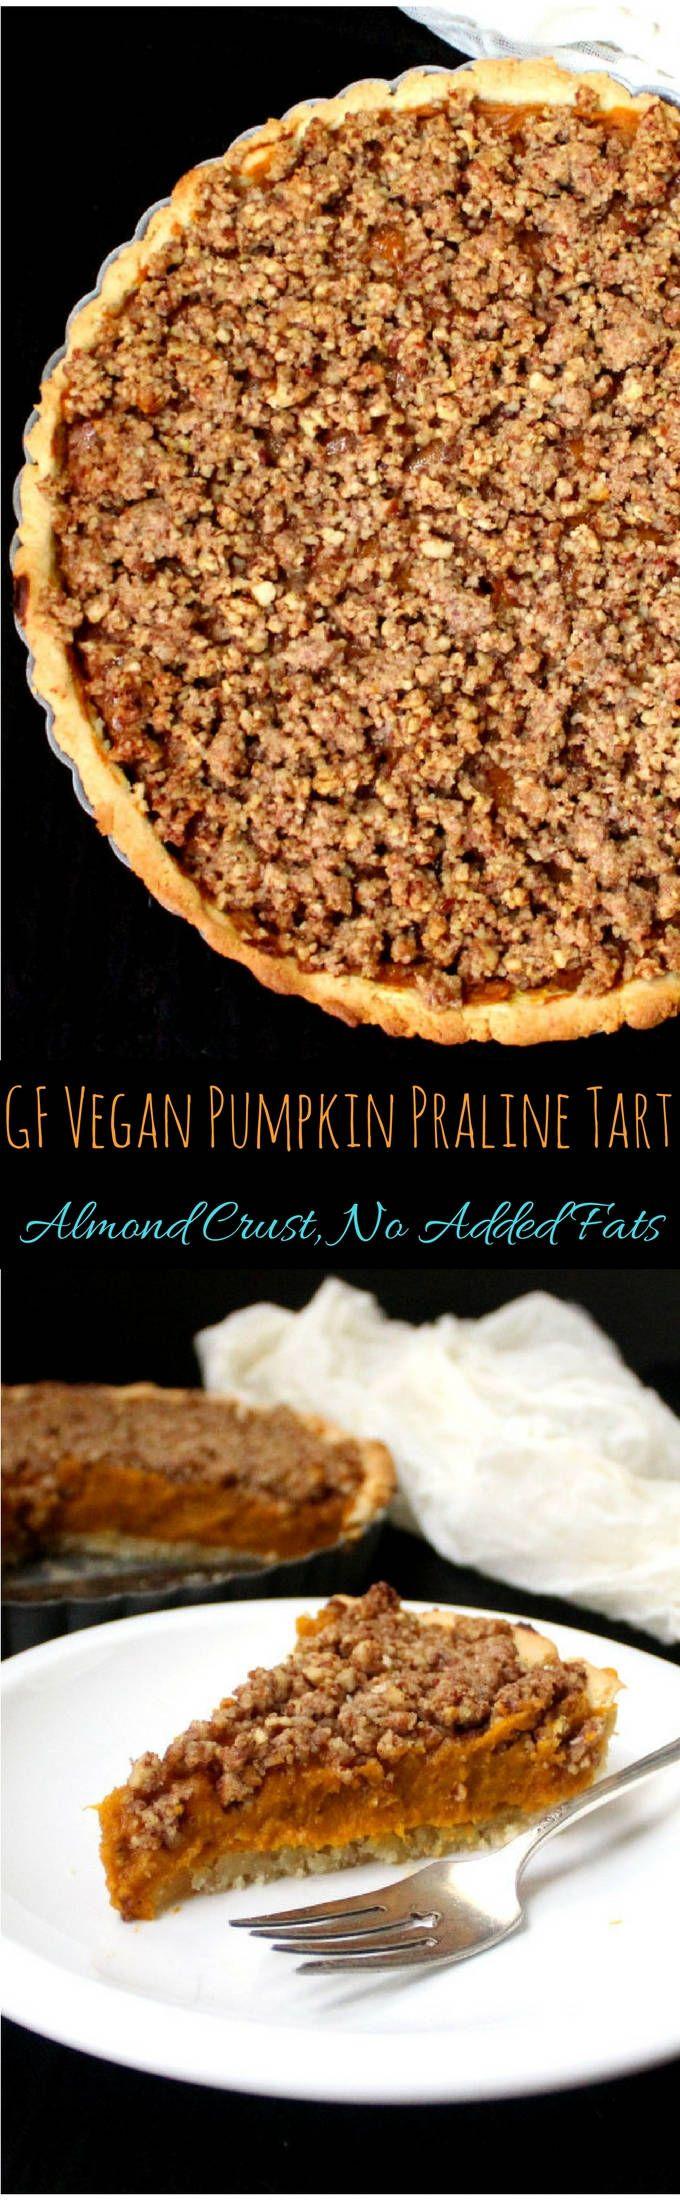 Vegan Pumpkin Praline Tart, gluten-free with no added fats. HolyCowVegan.net